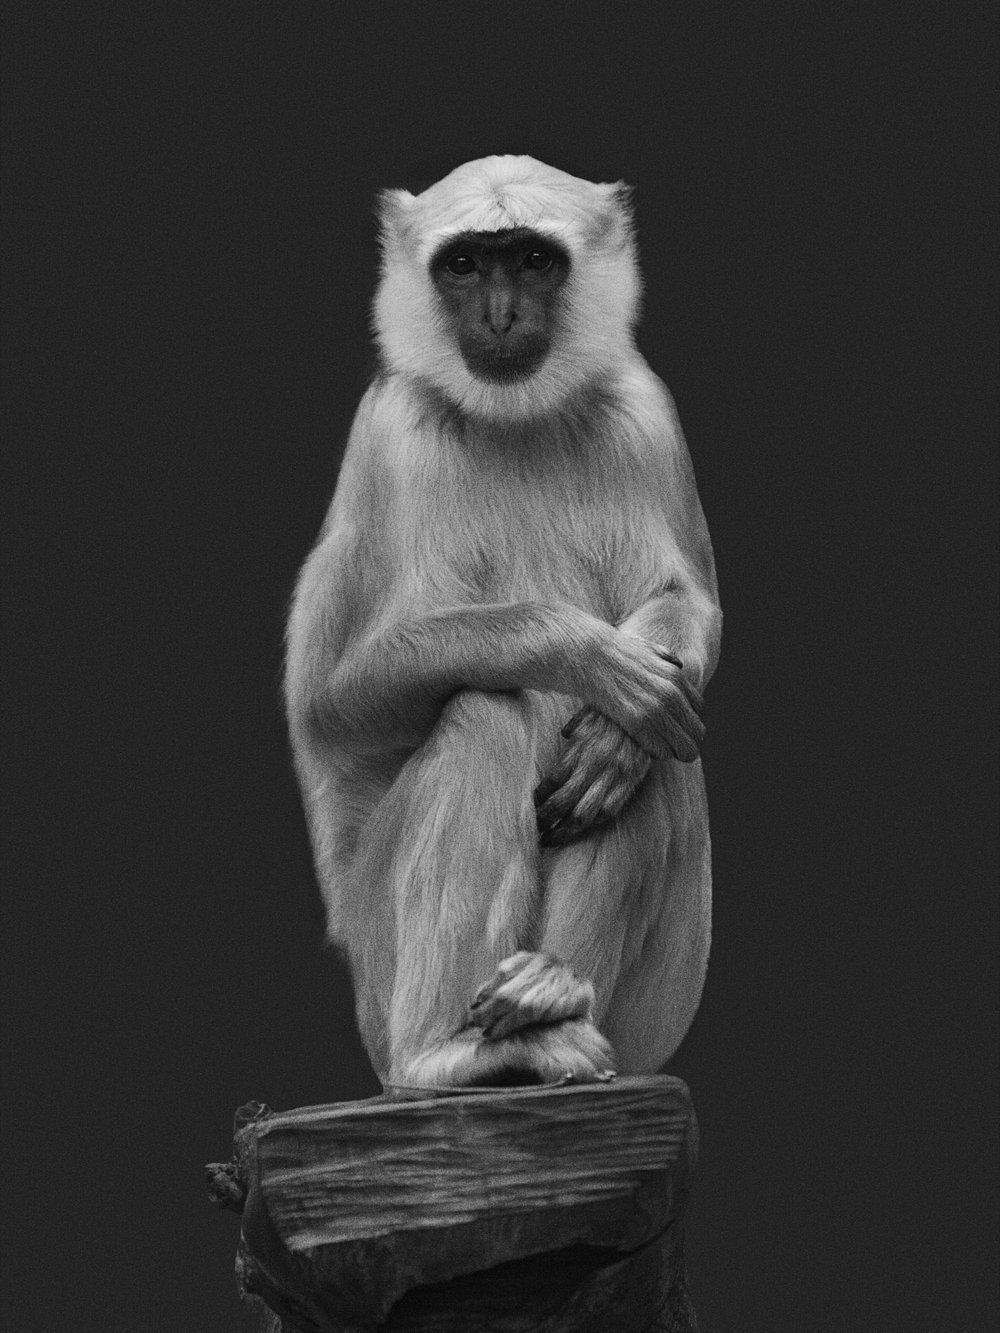 Tier_Mirjana Vrbaski_Monkey